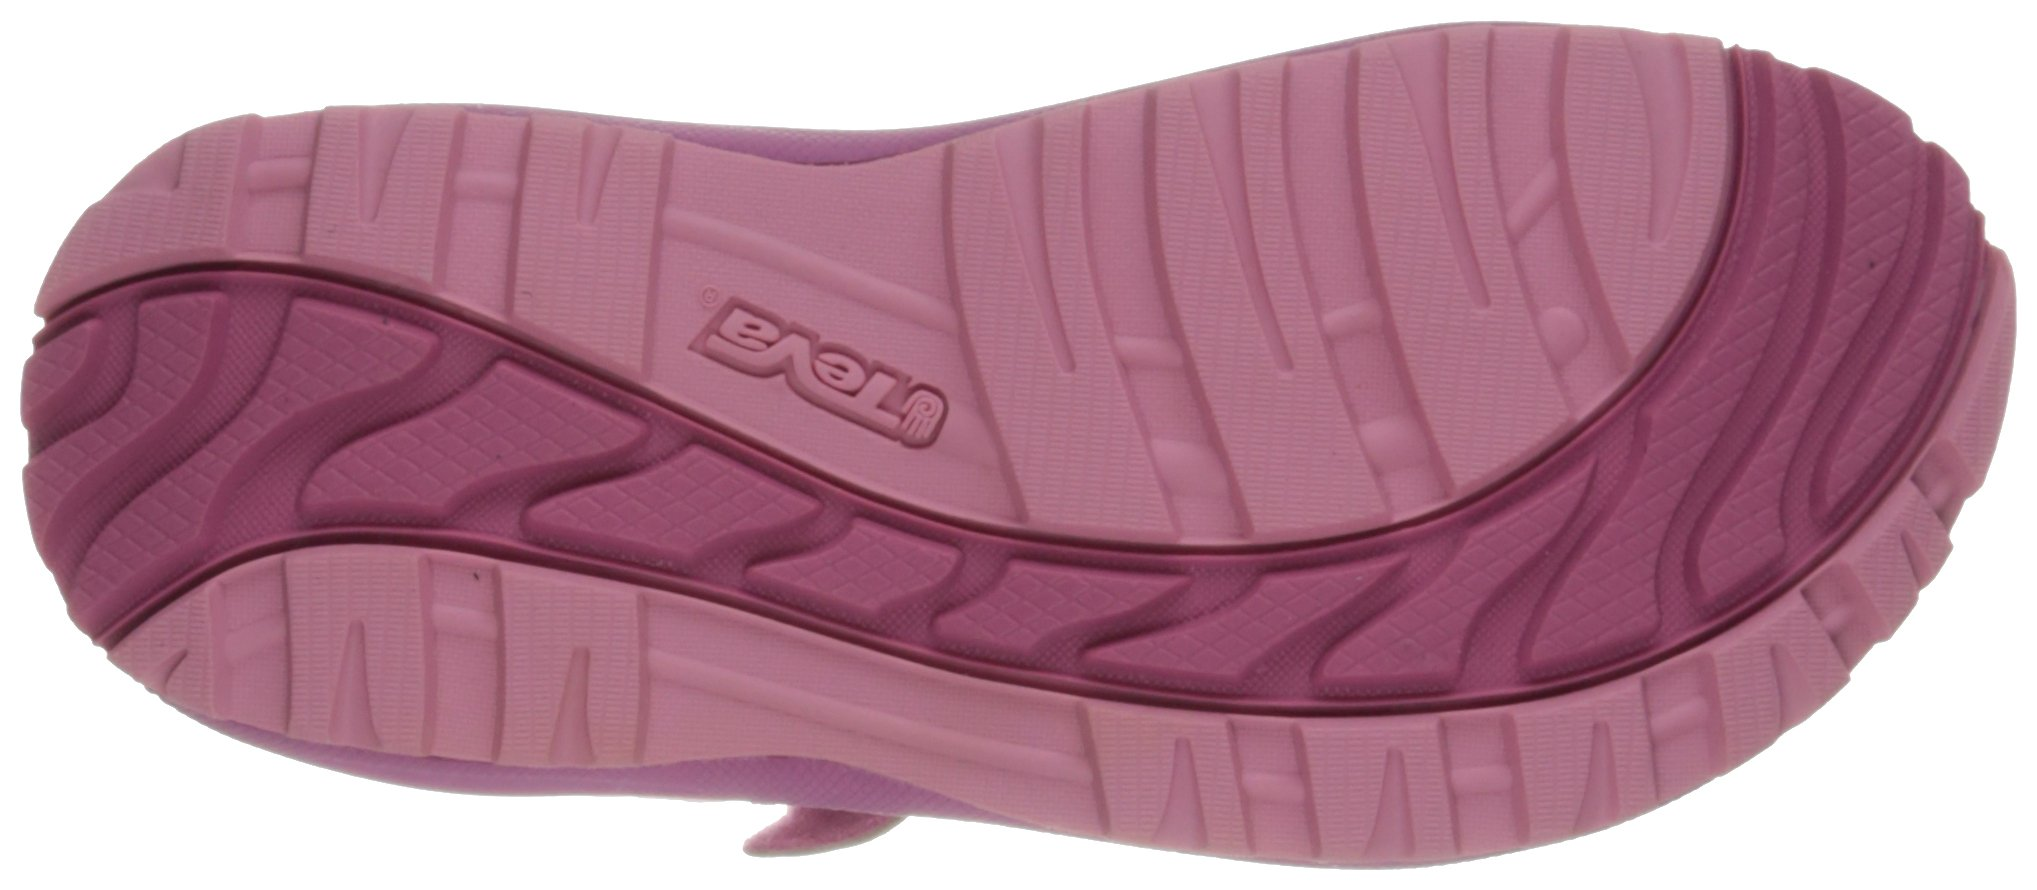 Teva Girls' Psyclone 4 Sandal, Pink, 1 M US Little Kid by Teva (Image #3)